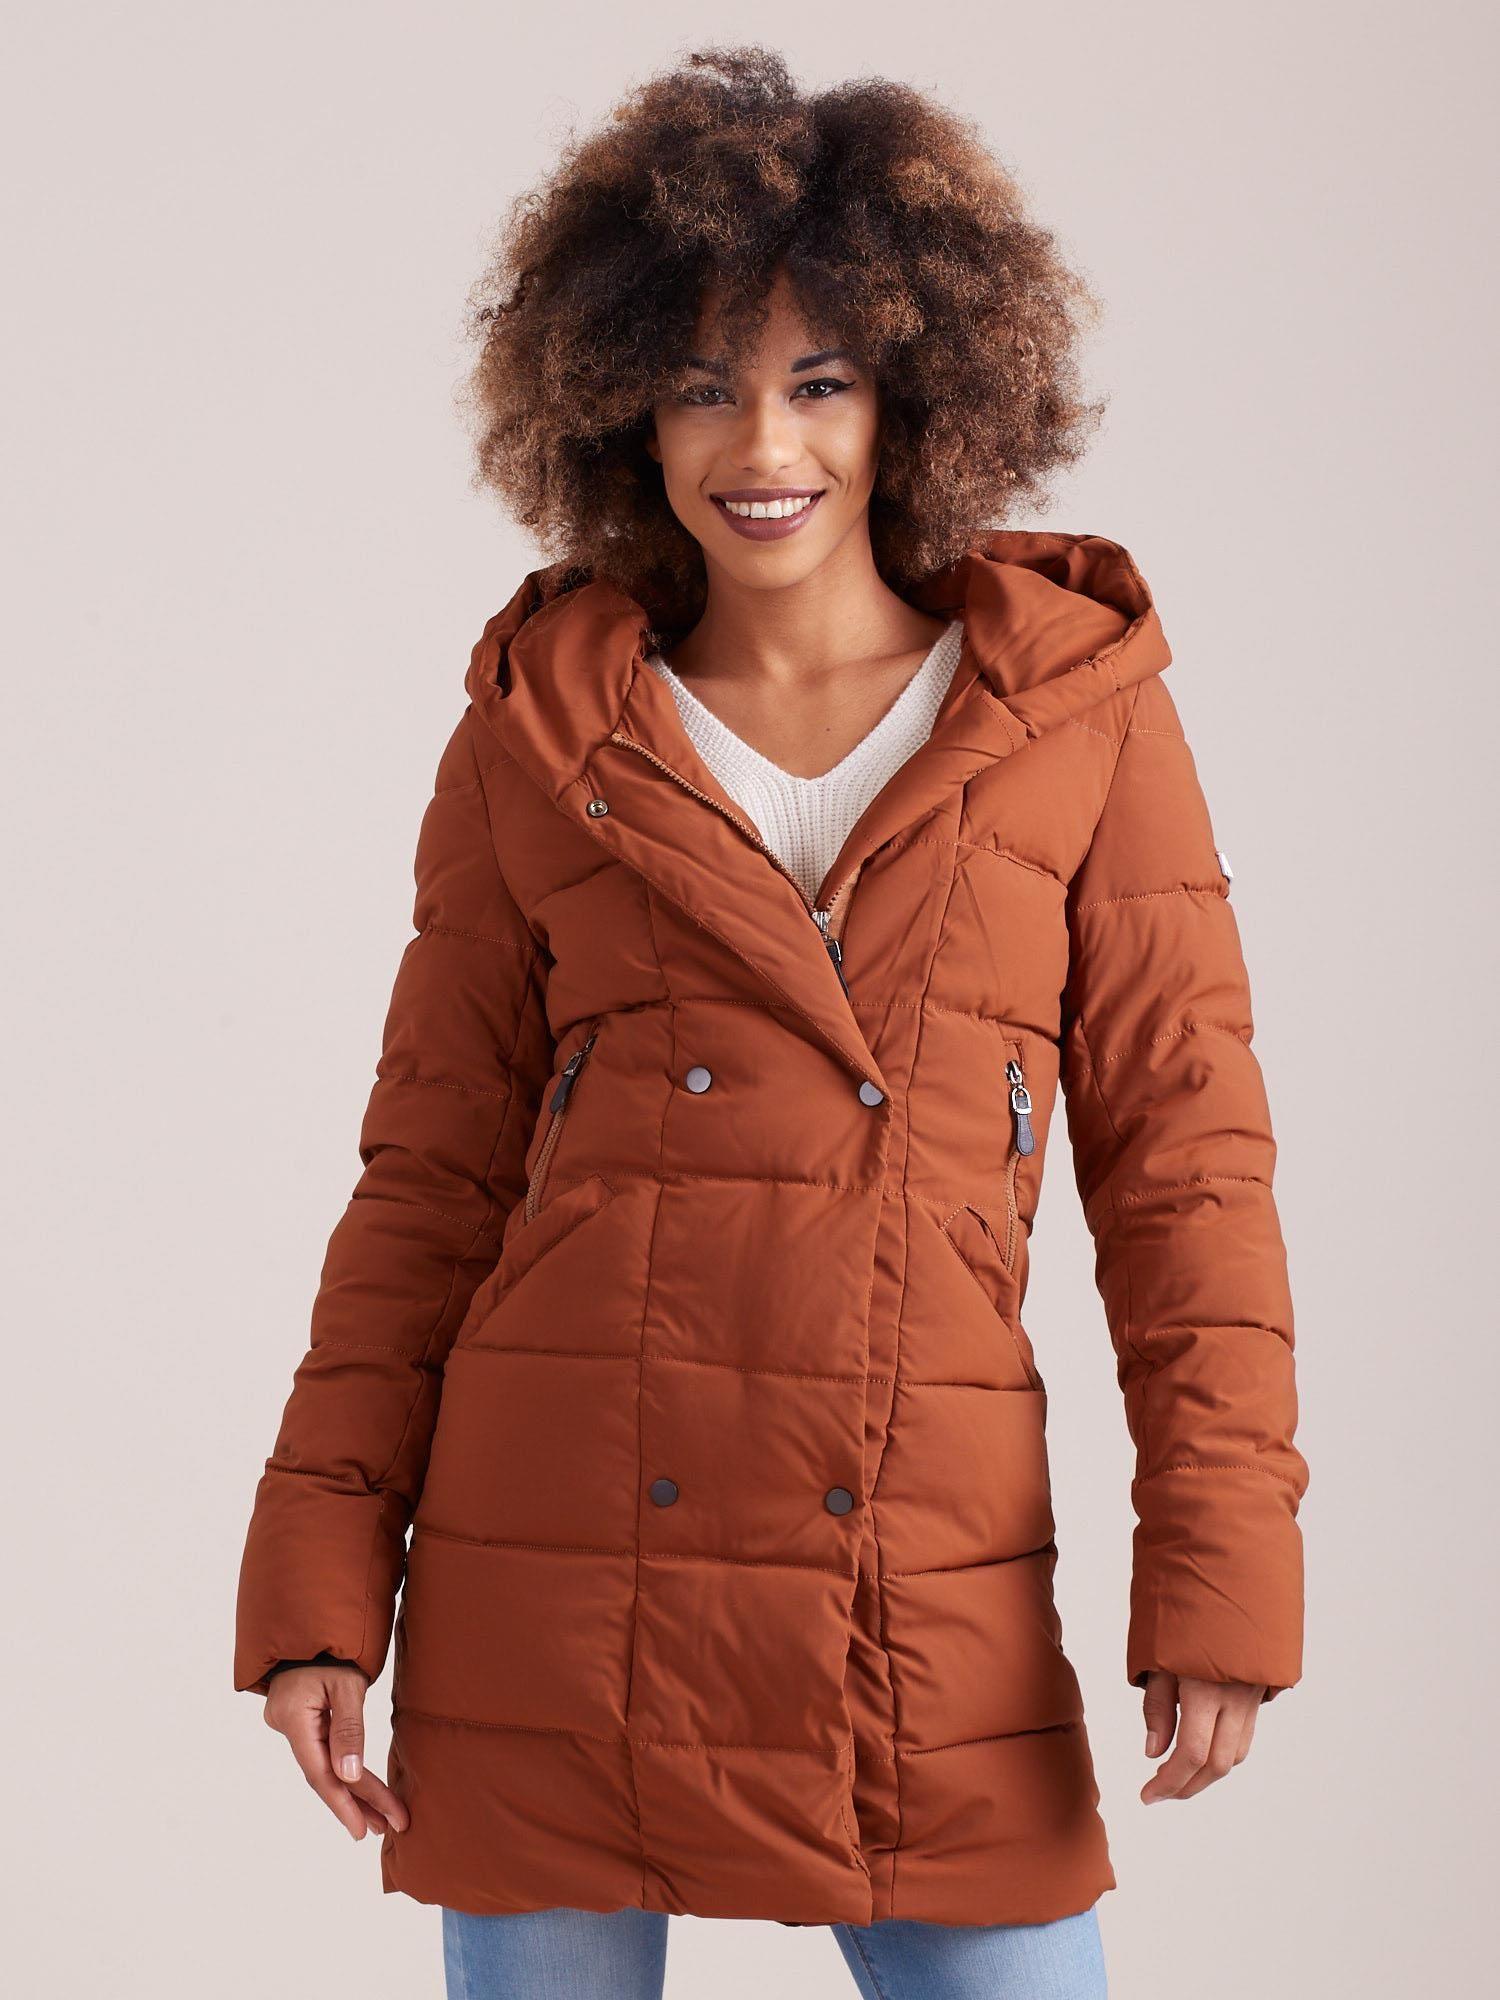 Dámská hnědá zimní bunda YP-KR-bx4186.08P-brown Velikost: 2XL